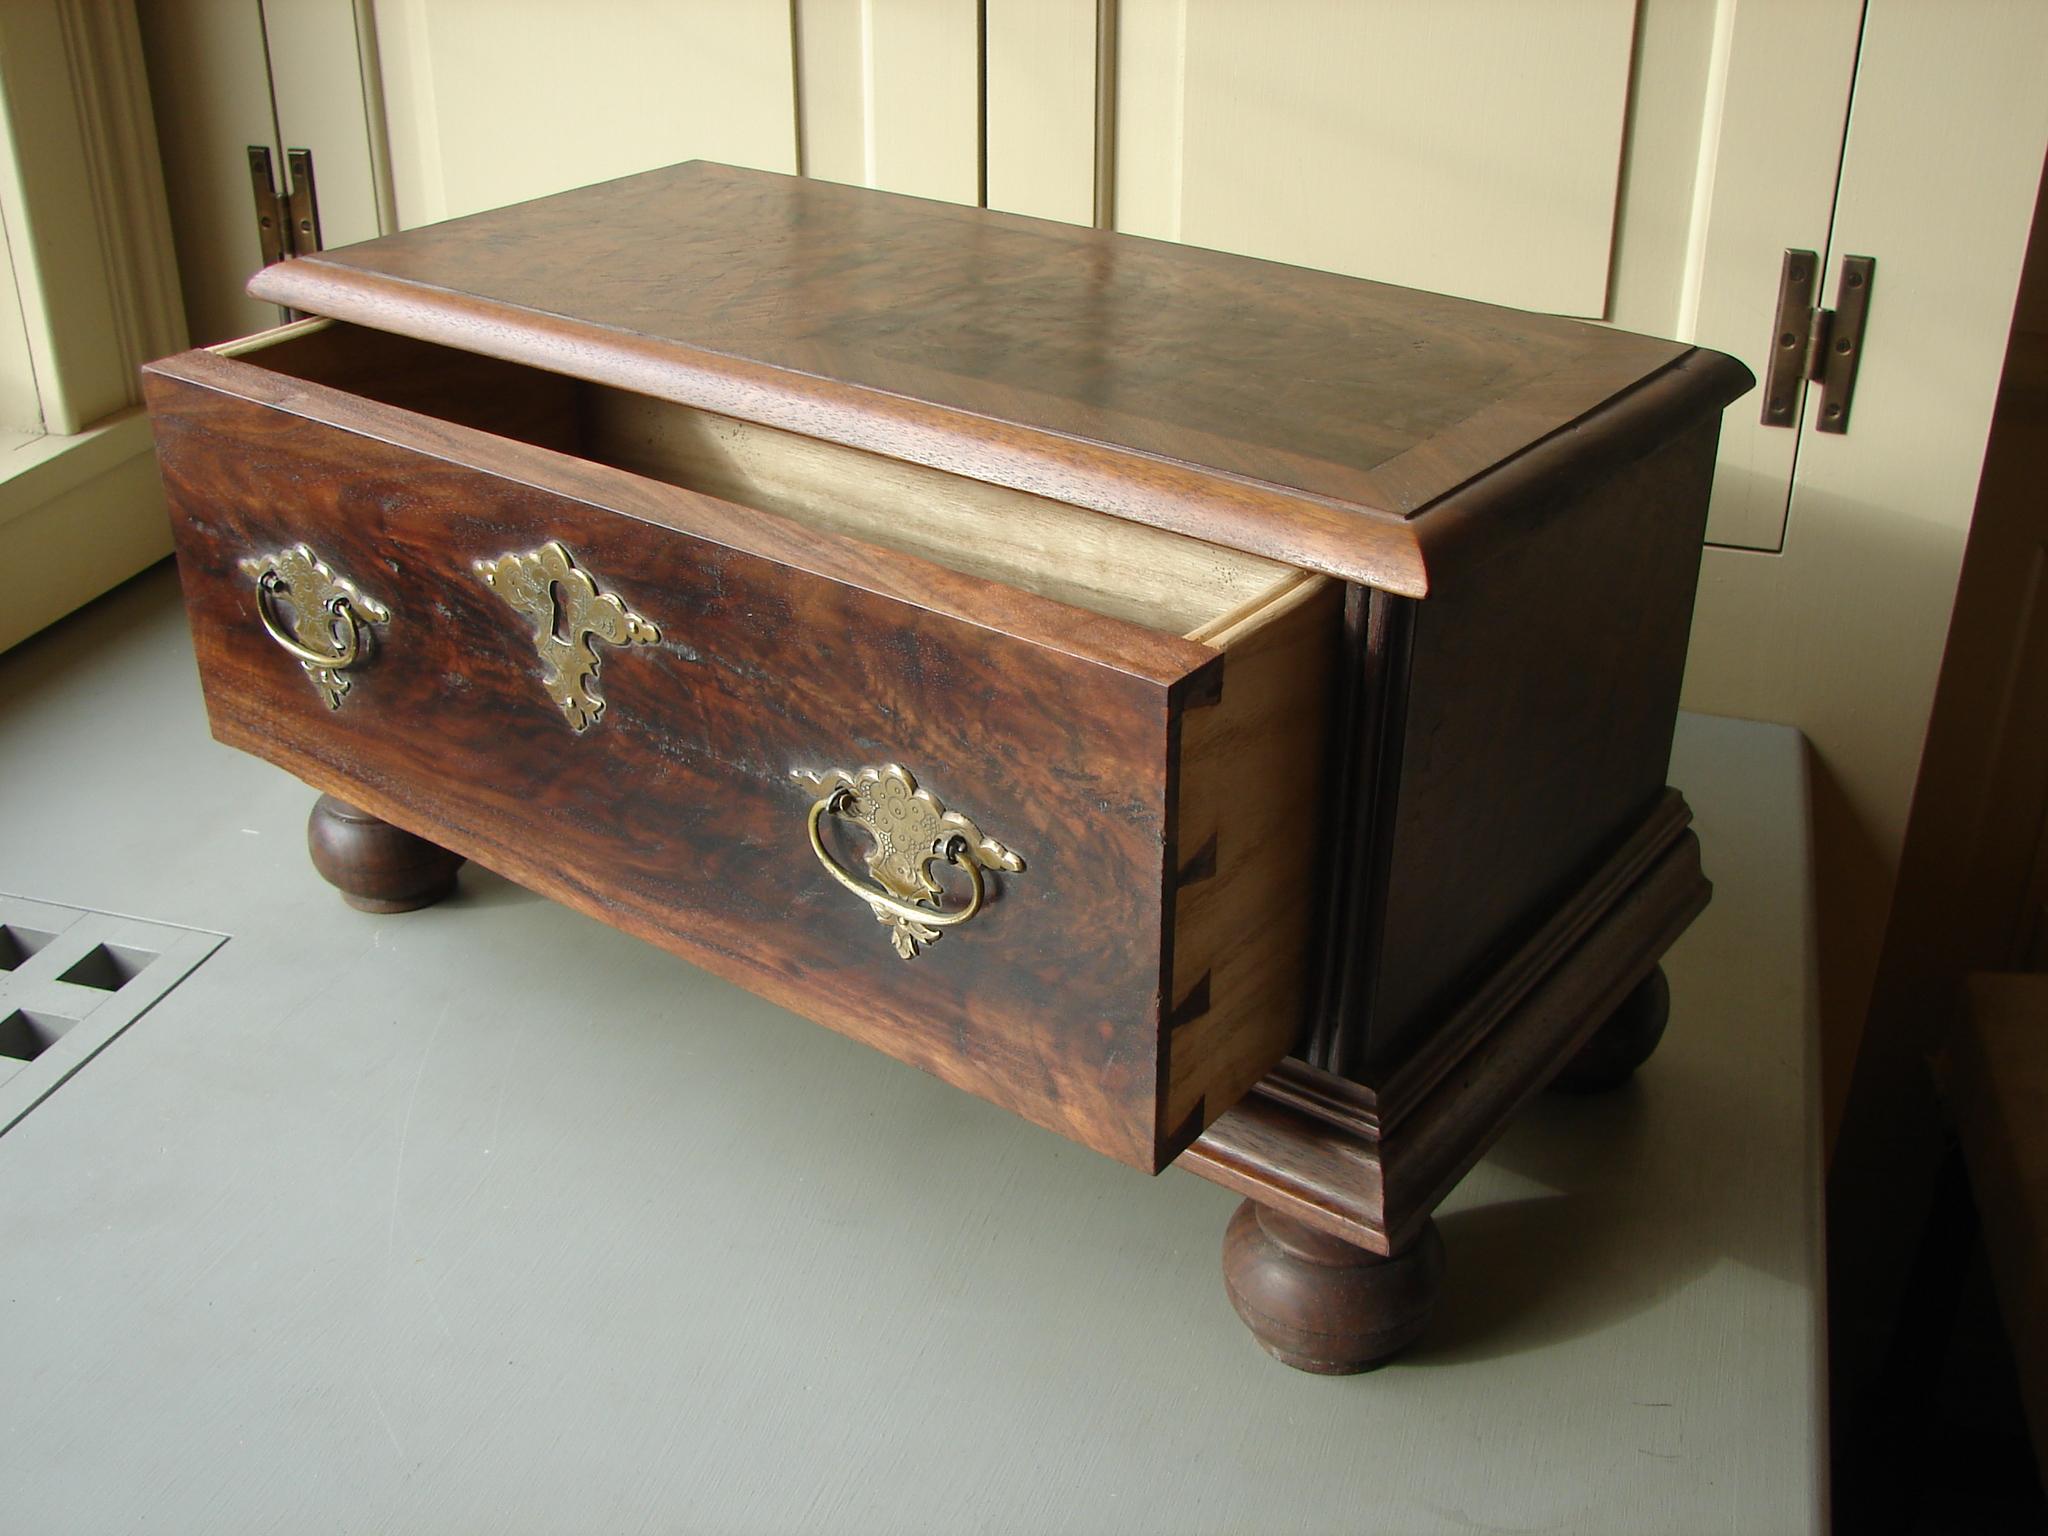 Superior Queen Anne Furniture Hardware